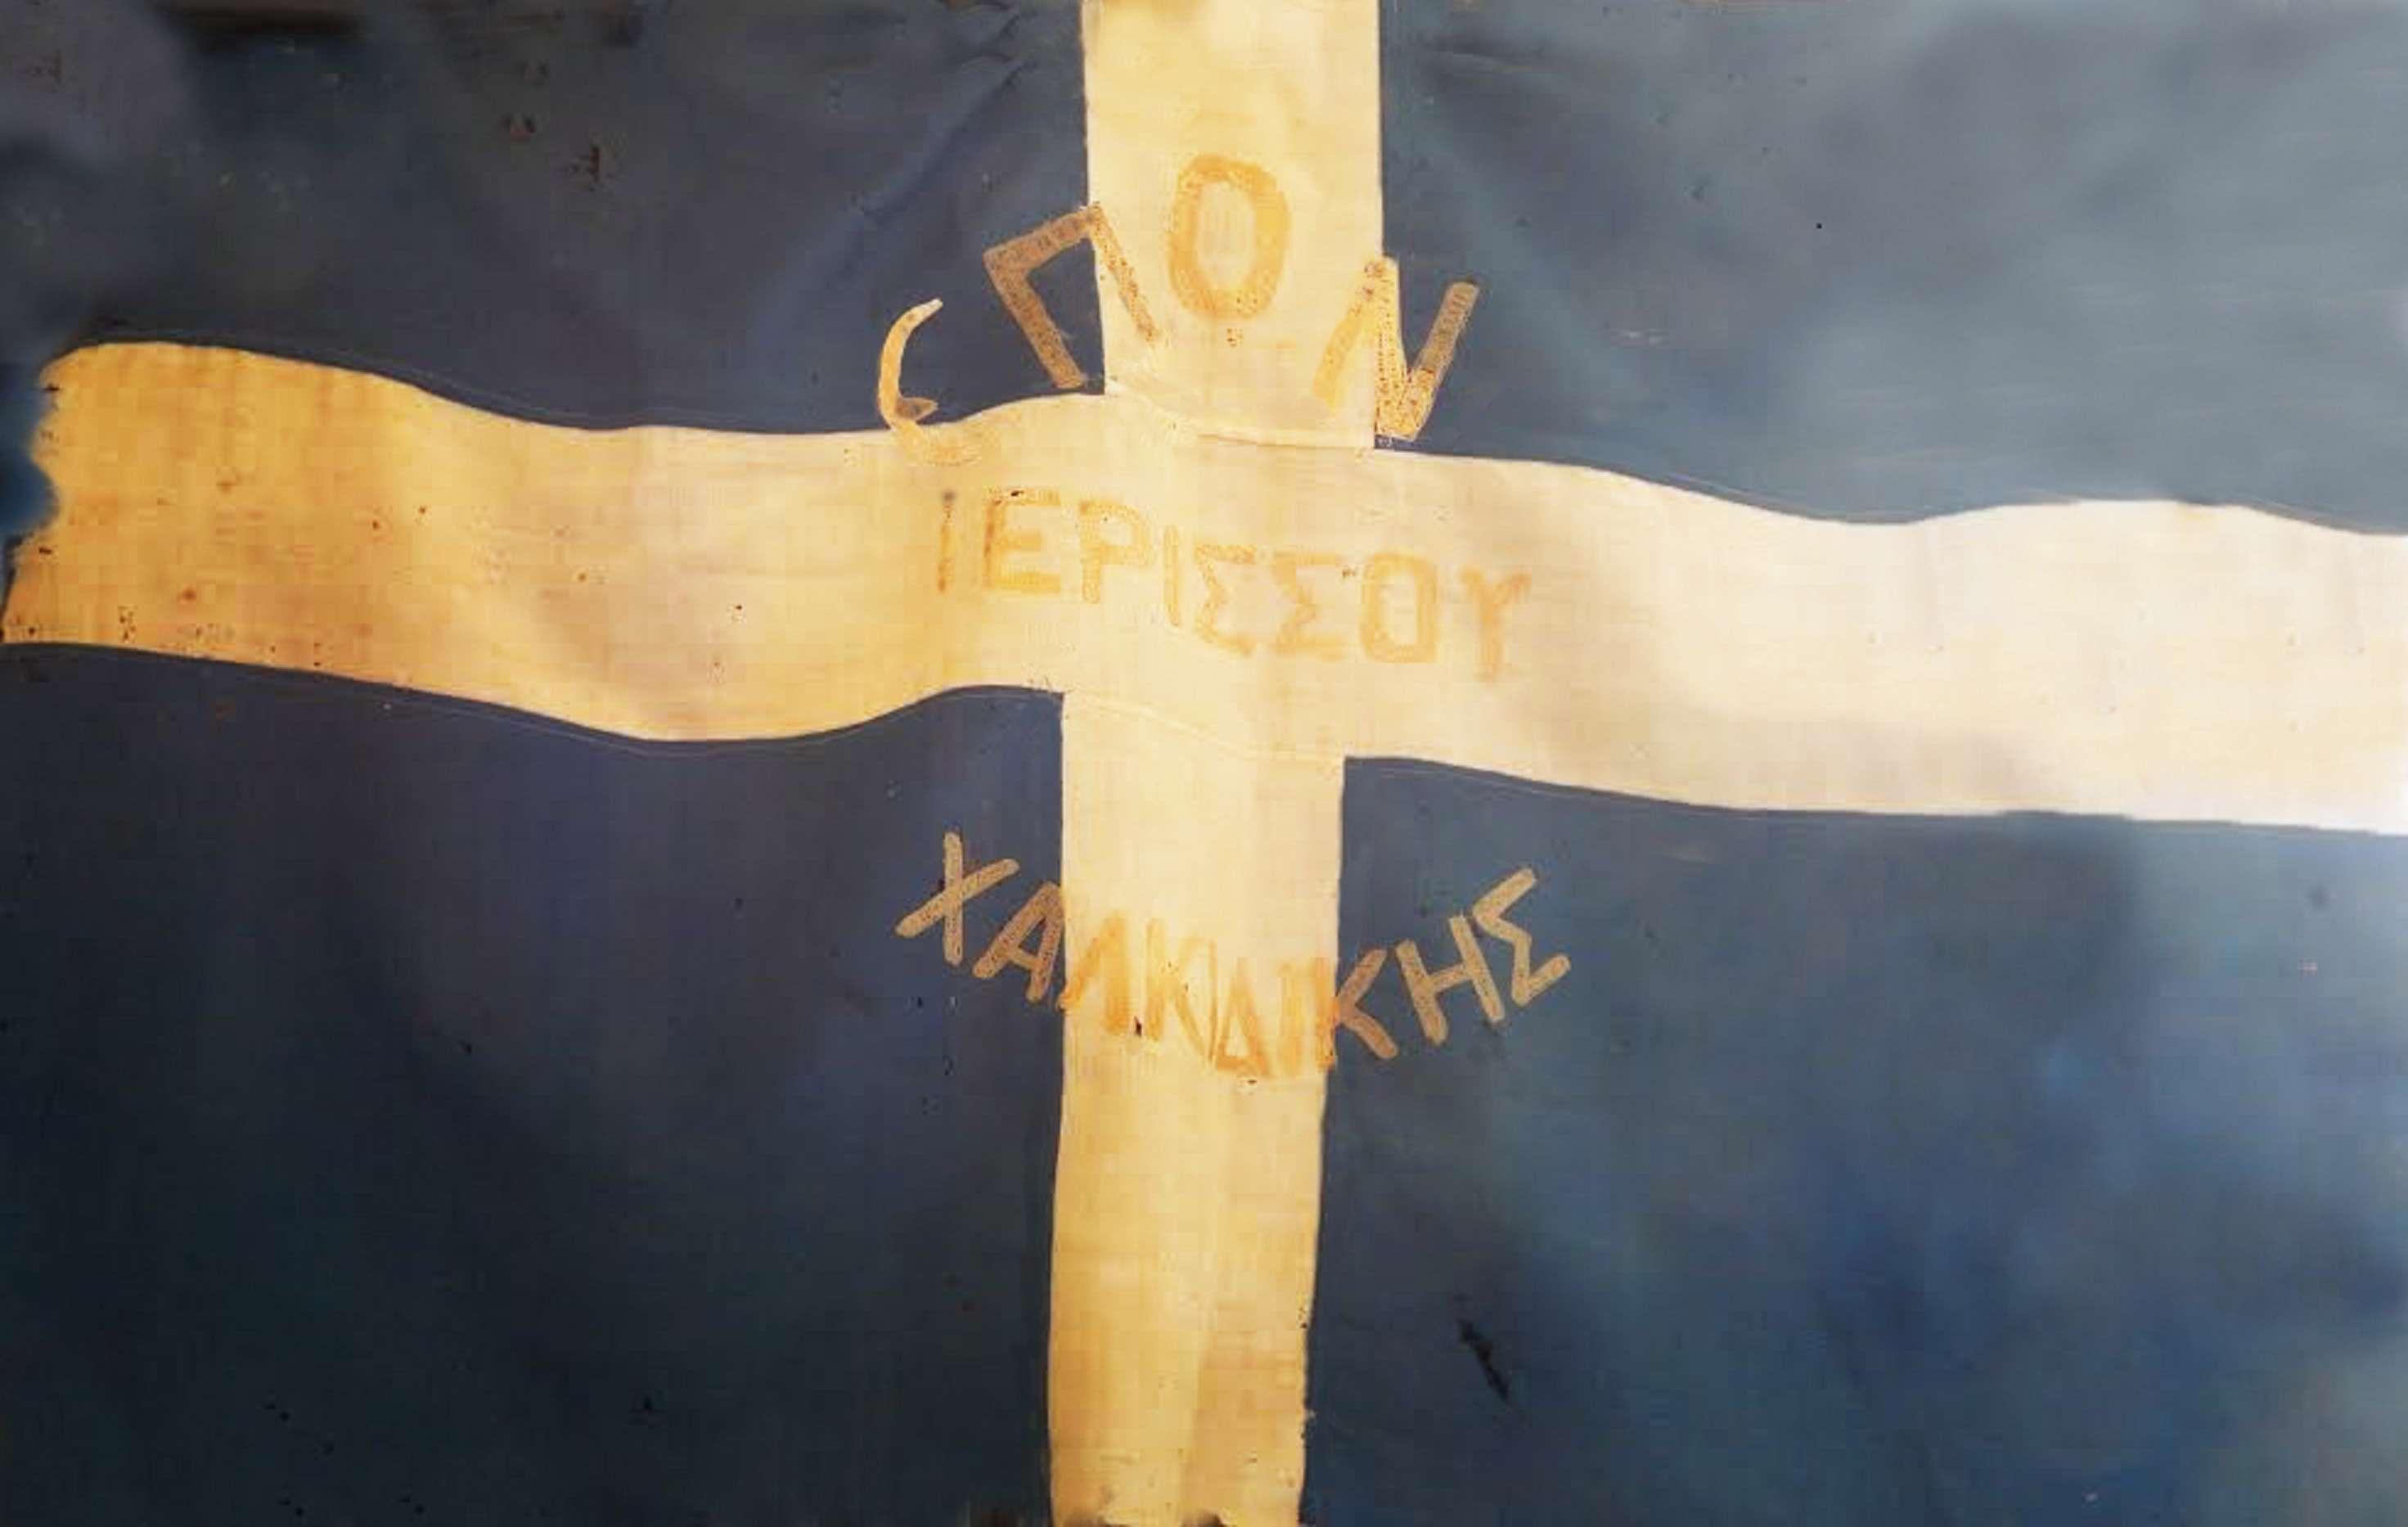 Η σημαία της ΕΠΟΝ Ιερισσού. Έχει πρόσφατα συντηρηθεί και σύντομα θα επιστρέψει στην Ιερισσό.